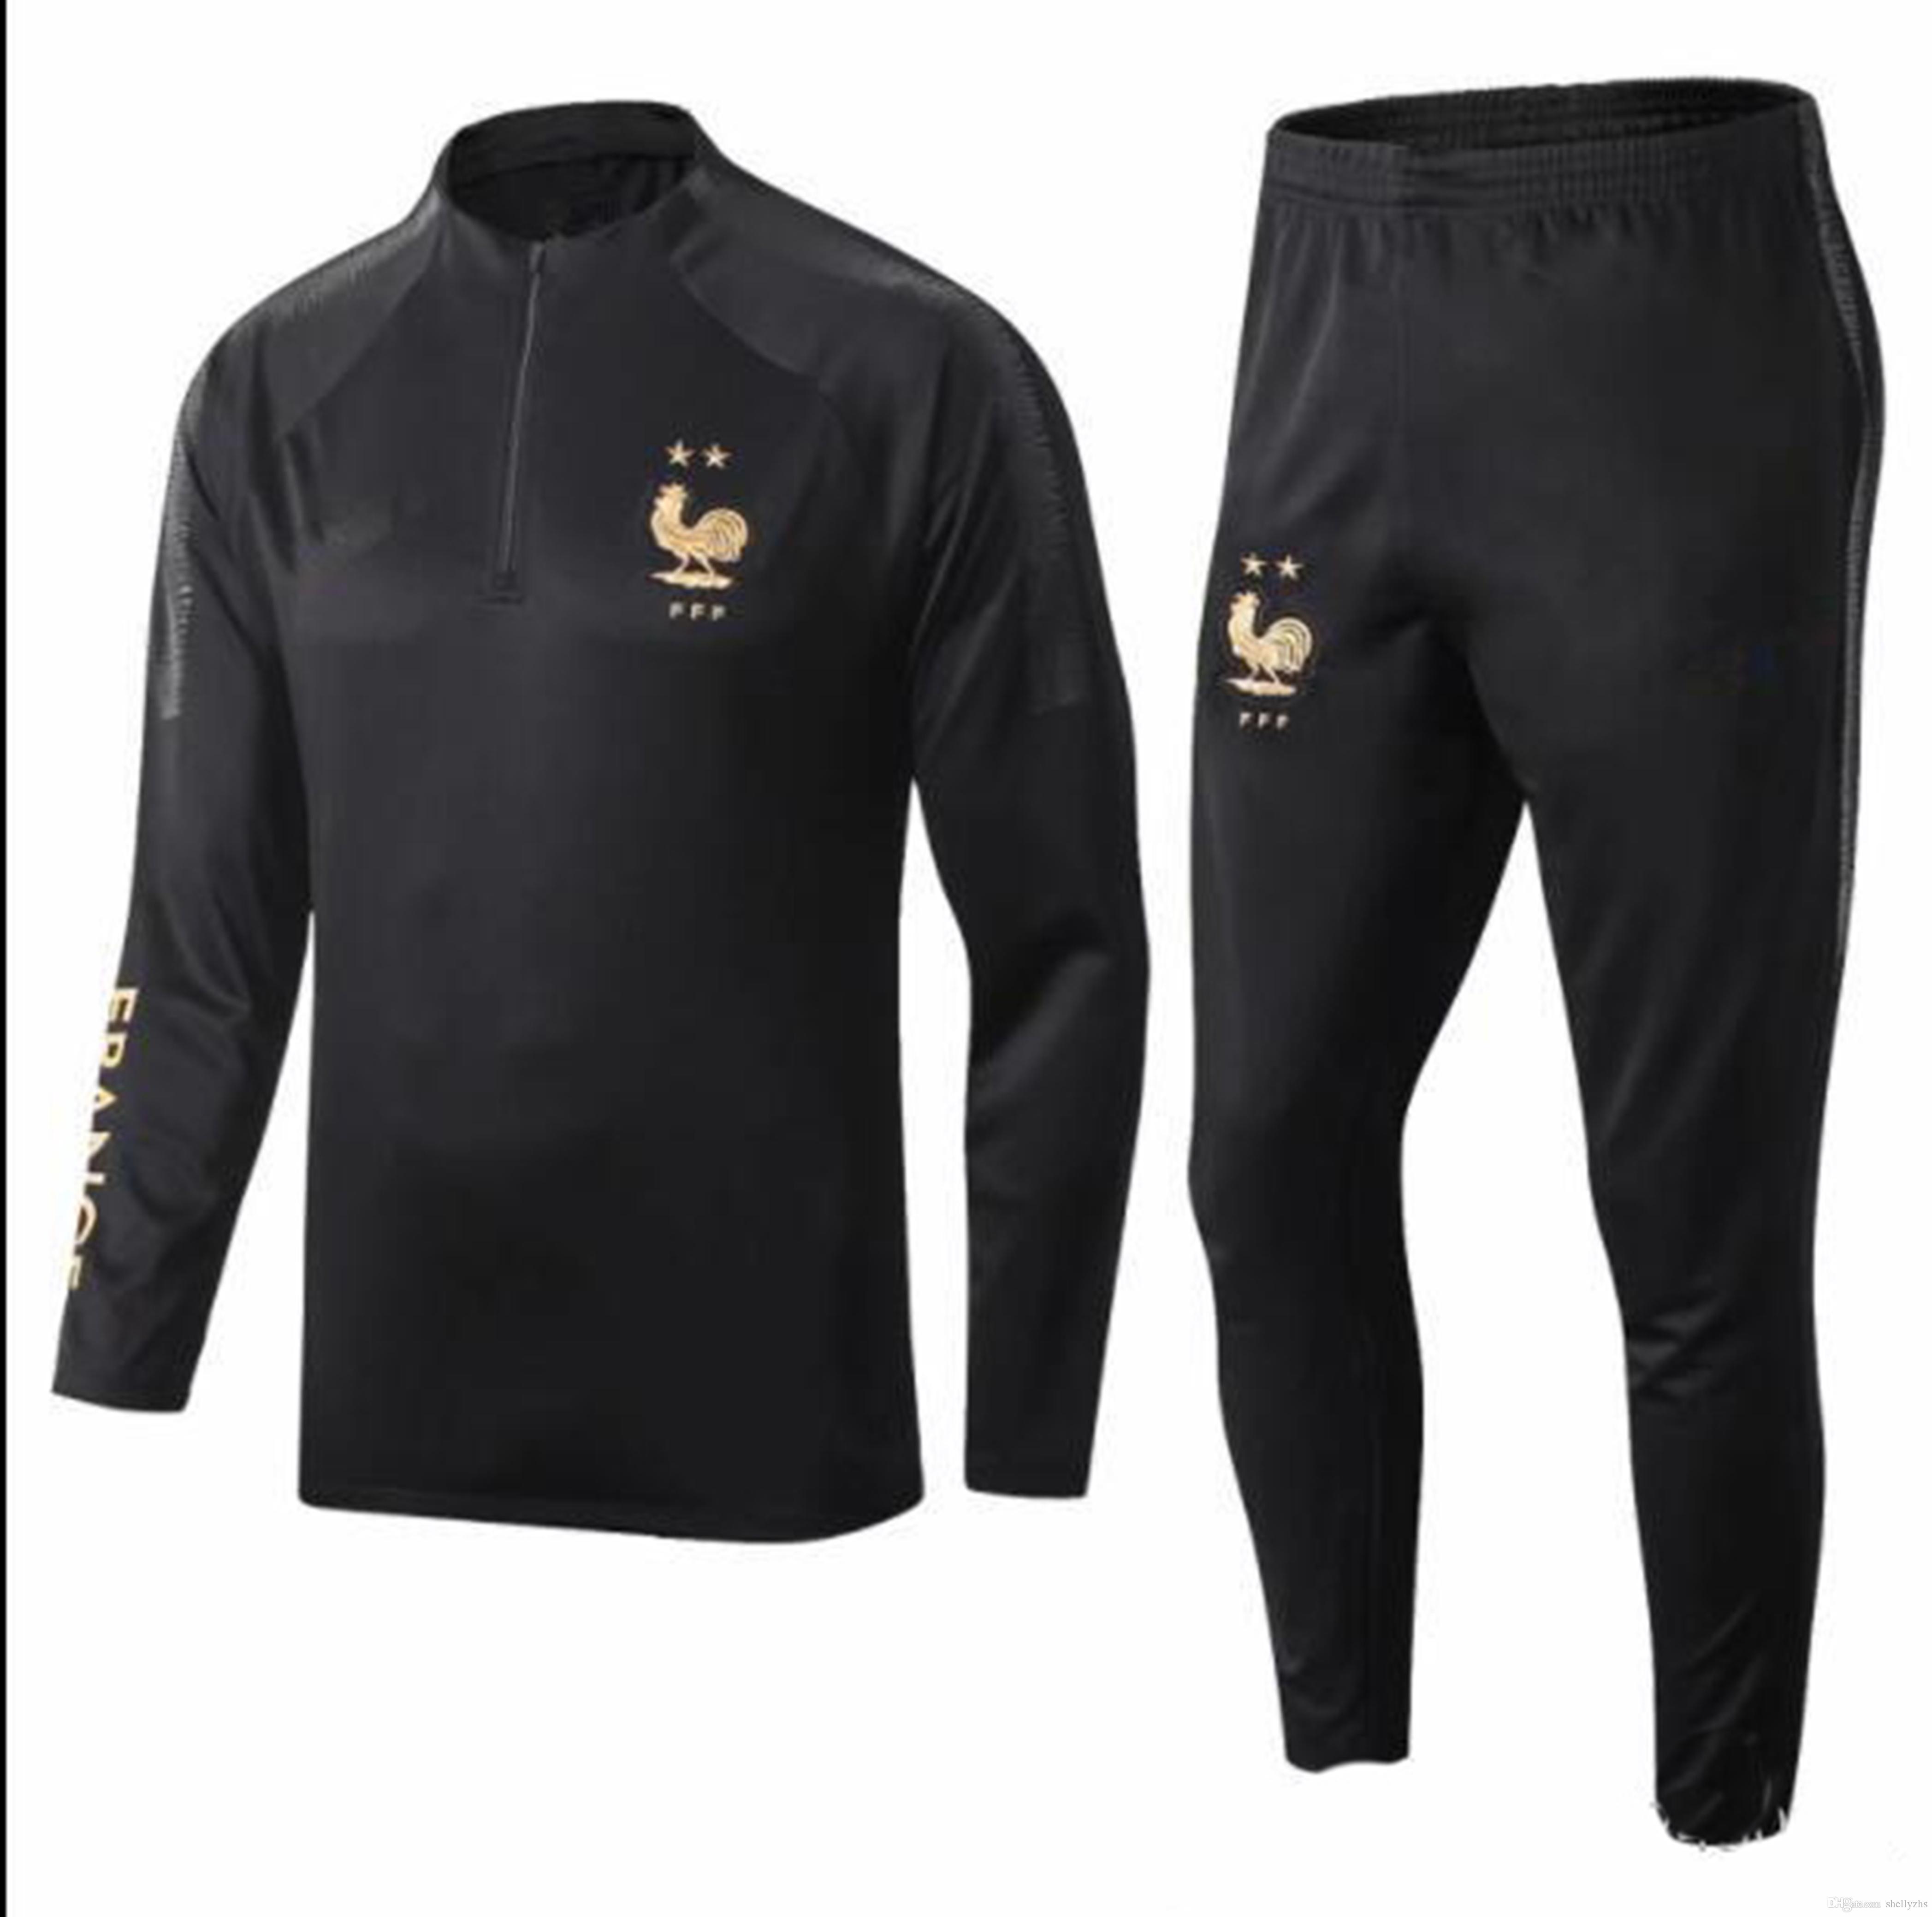 best size :S-2XL 2018 19 20 Maillot de Foot survetement jacket training suit 100TH 2019 2020 MBAPPE POGBA football jogging soccer tracksuit